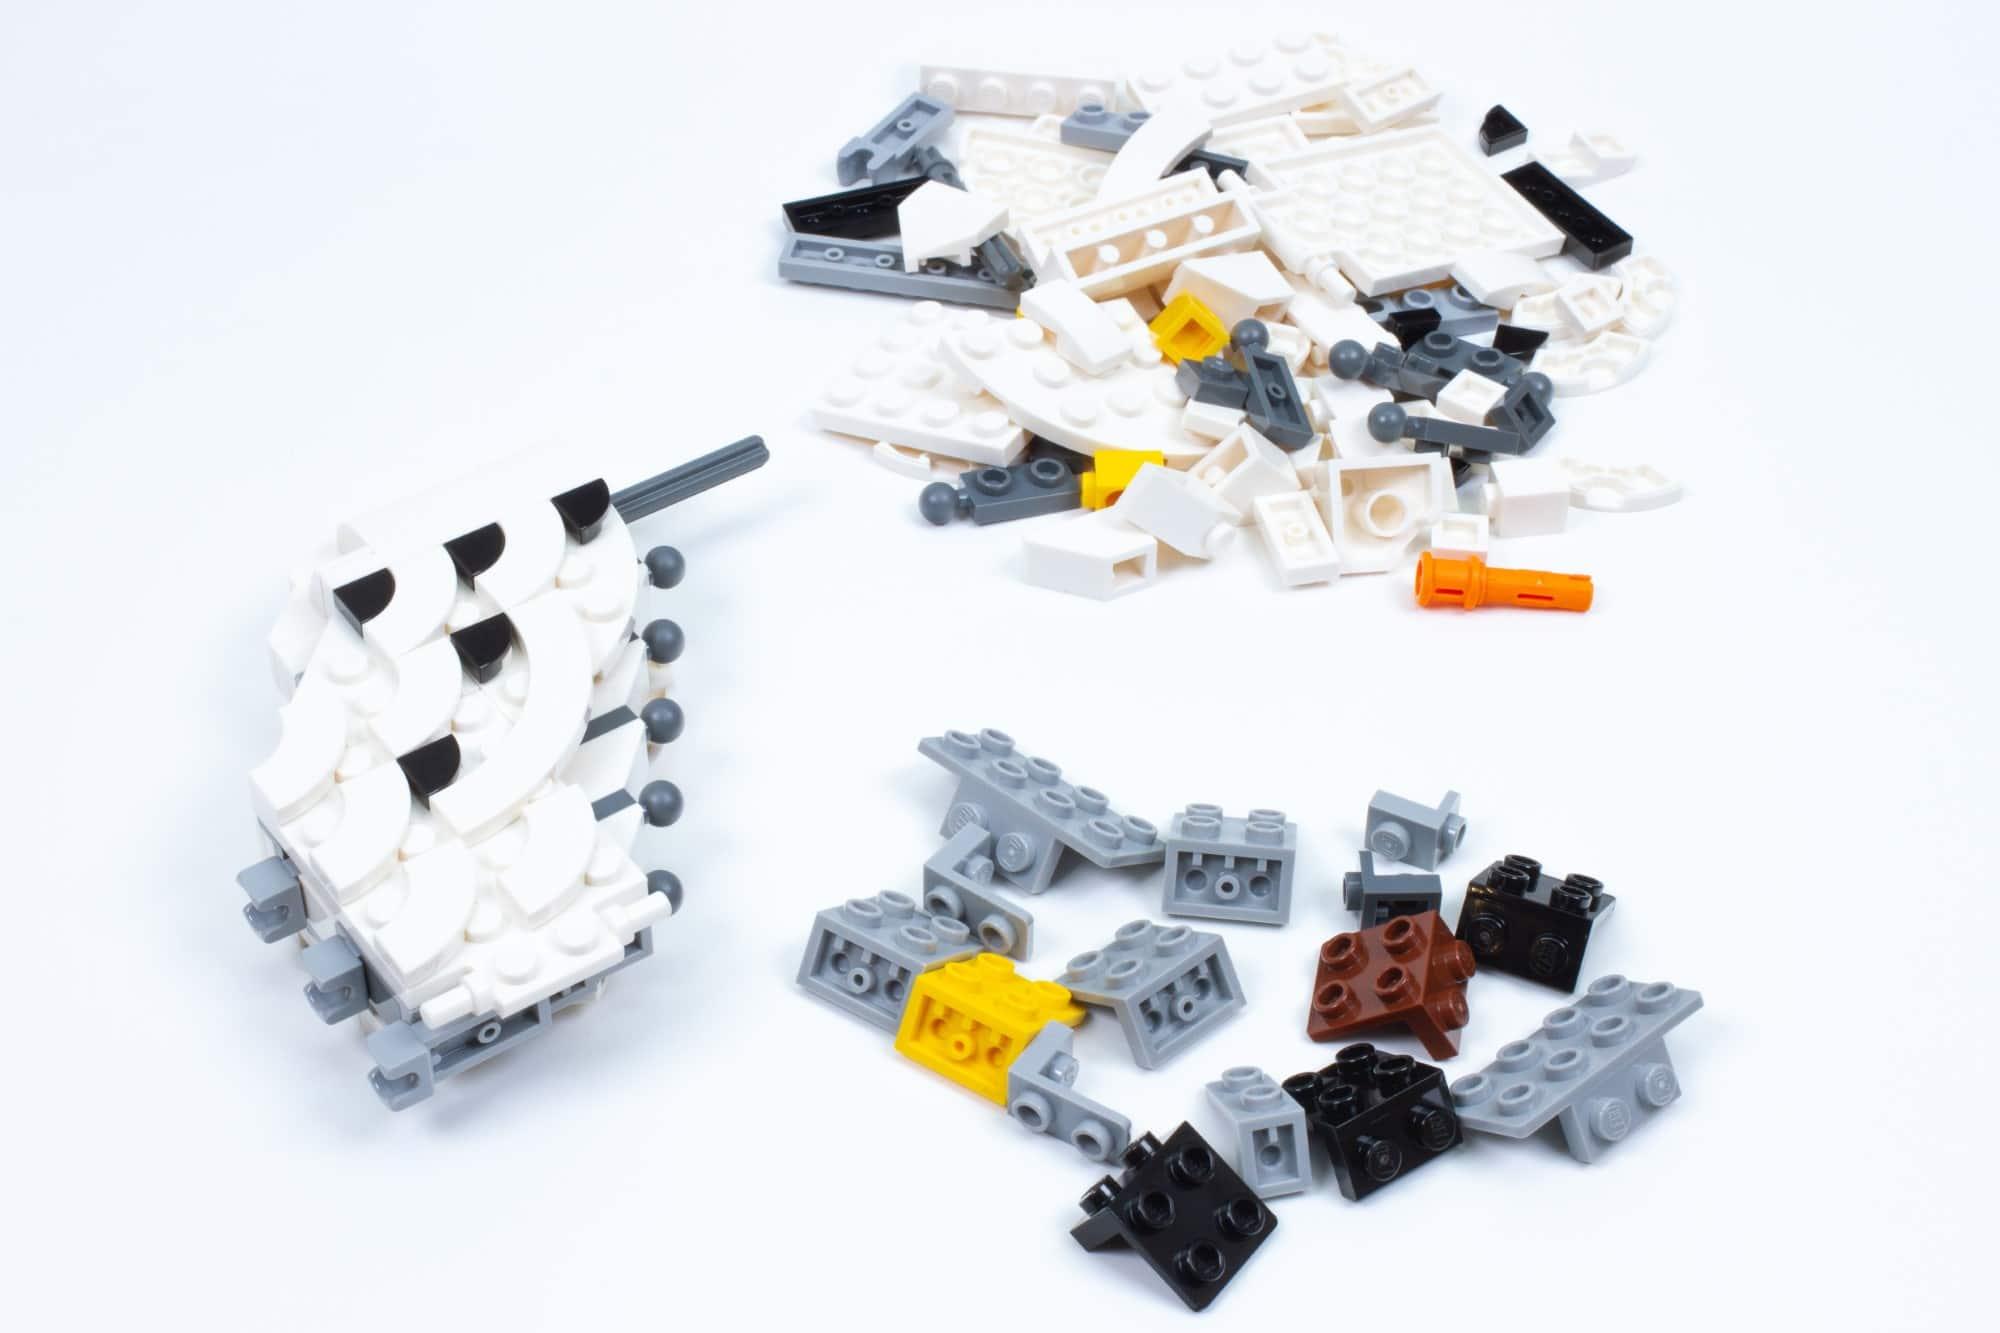 LEGO 76391 Hogwarts Icons Review Schritt 14 1